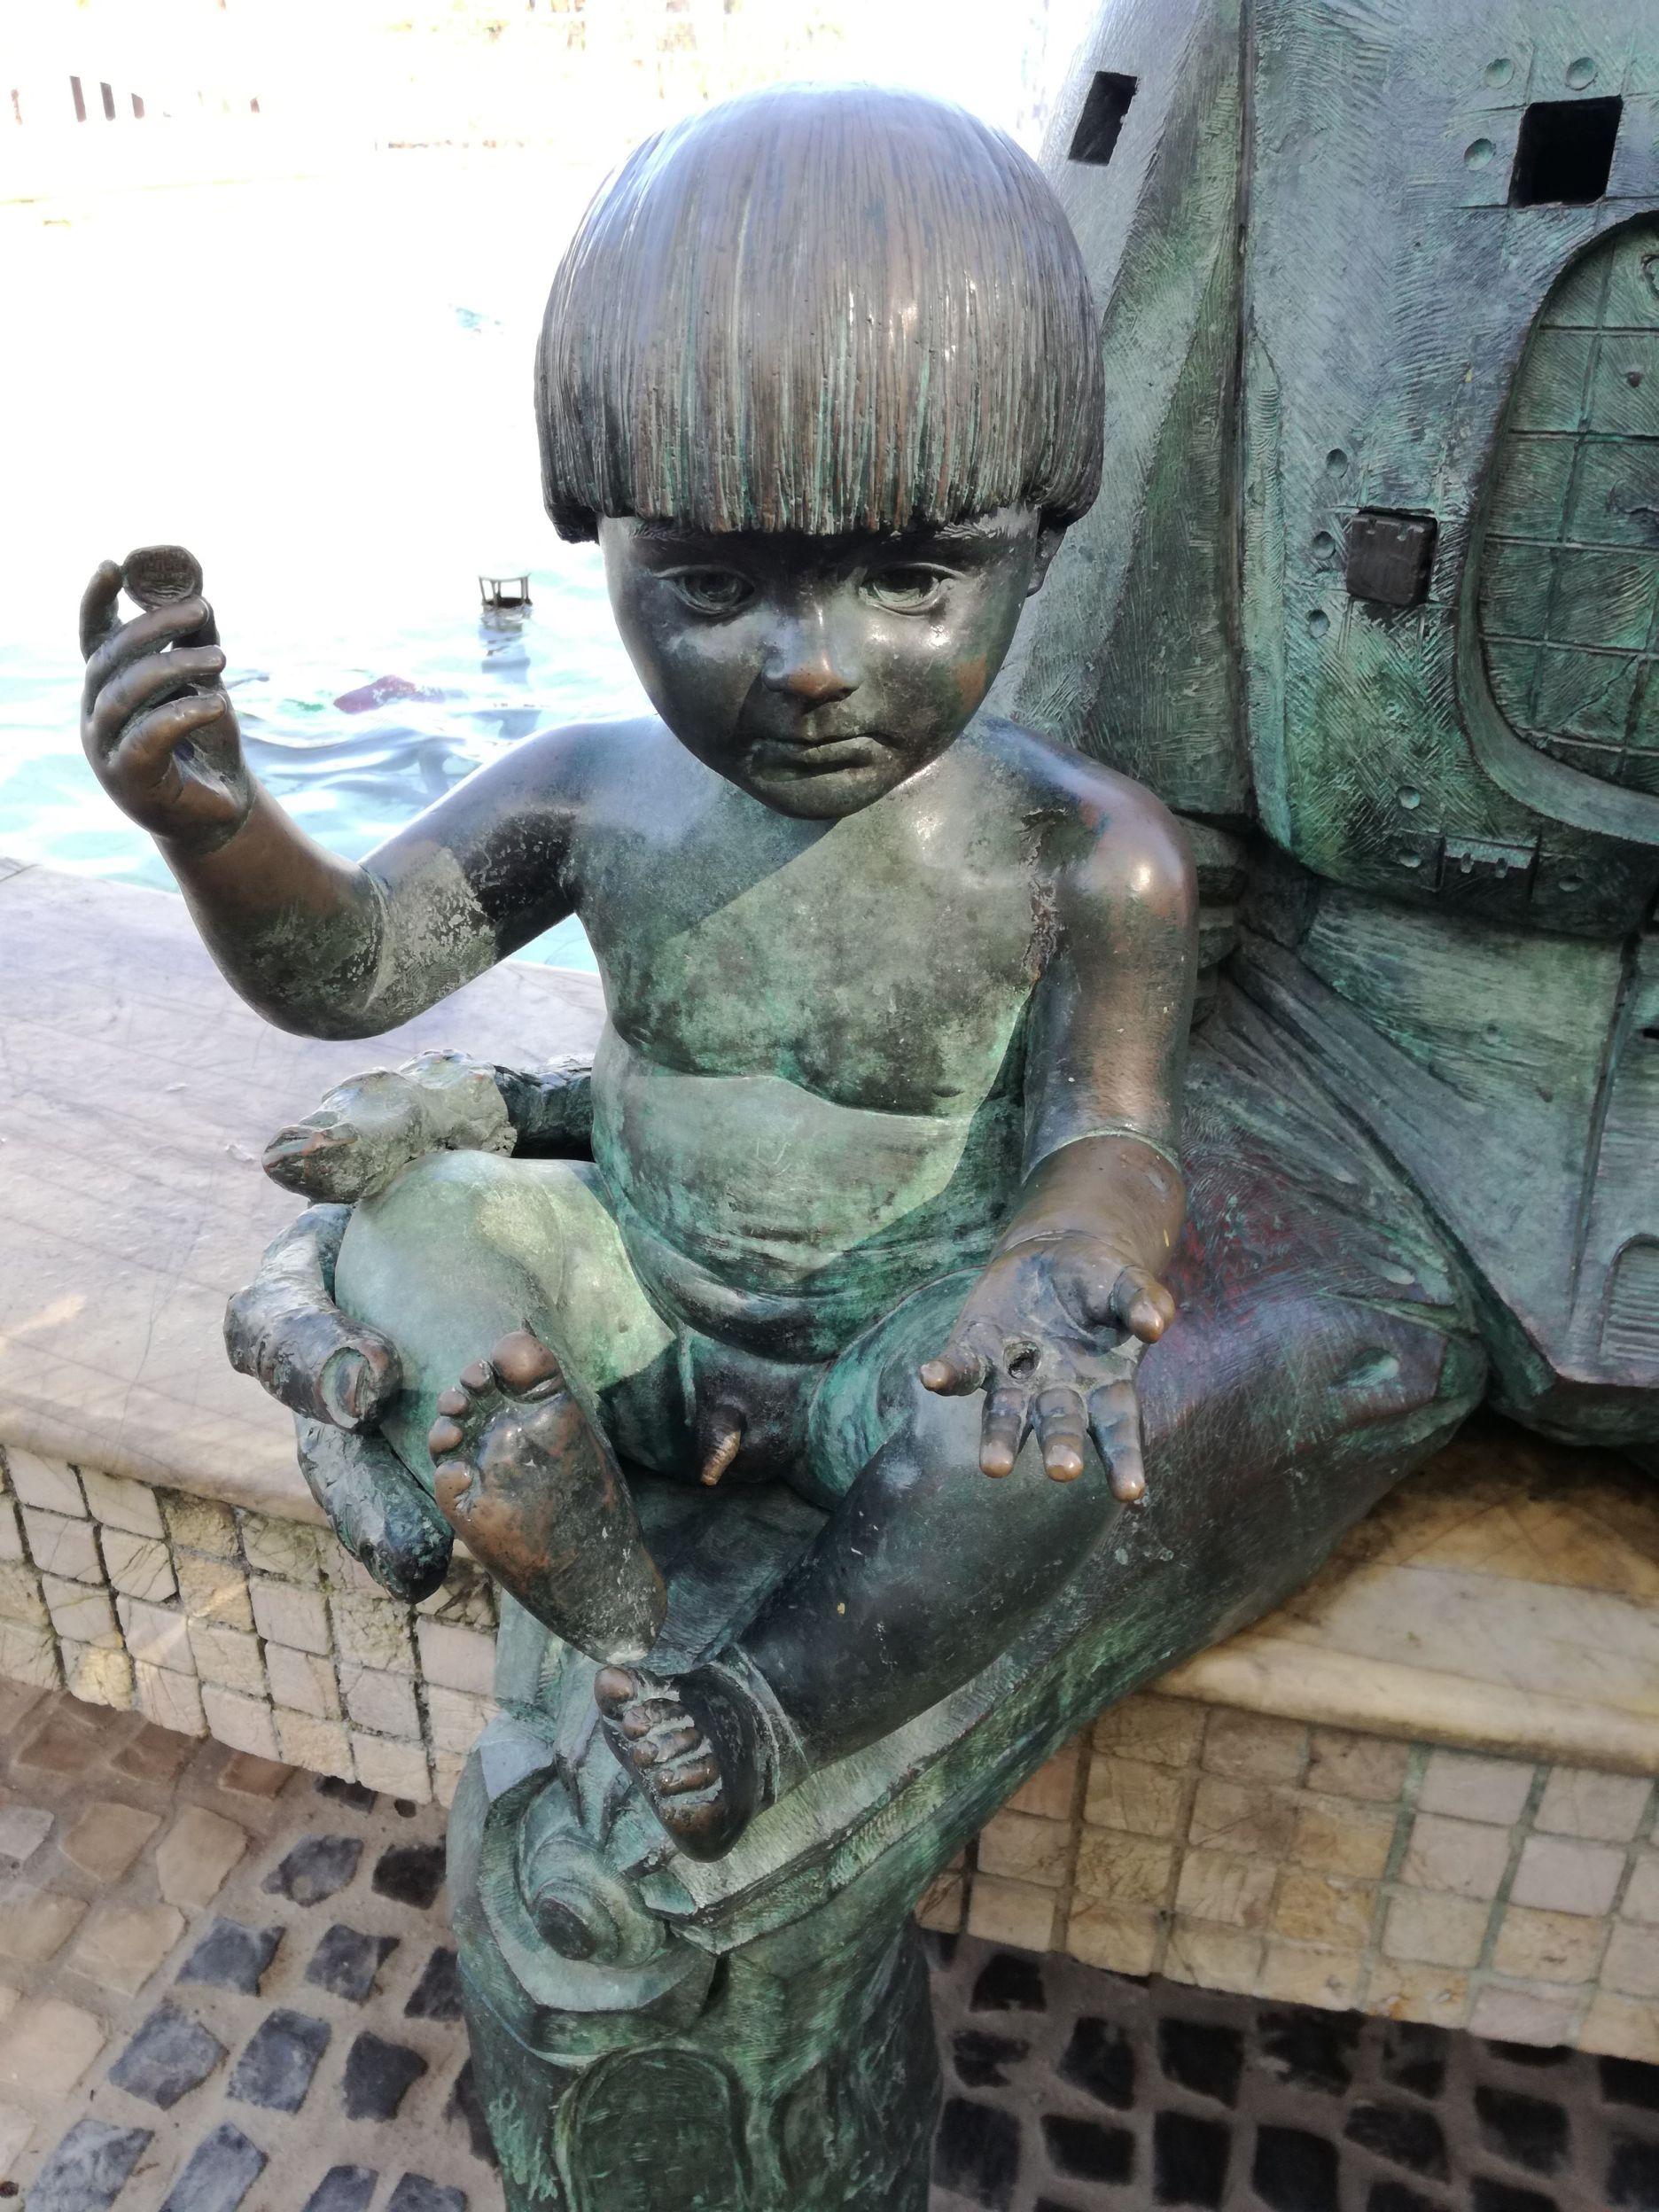 Kisgyerek a Kormányzó szobrán